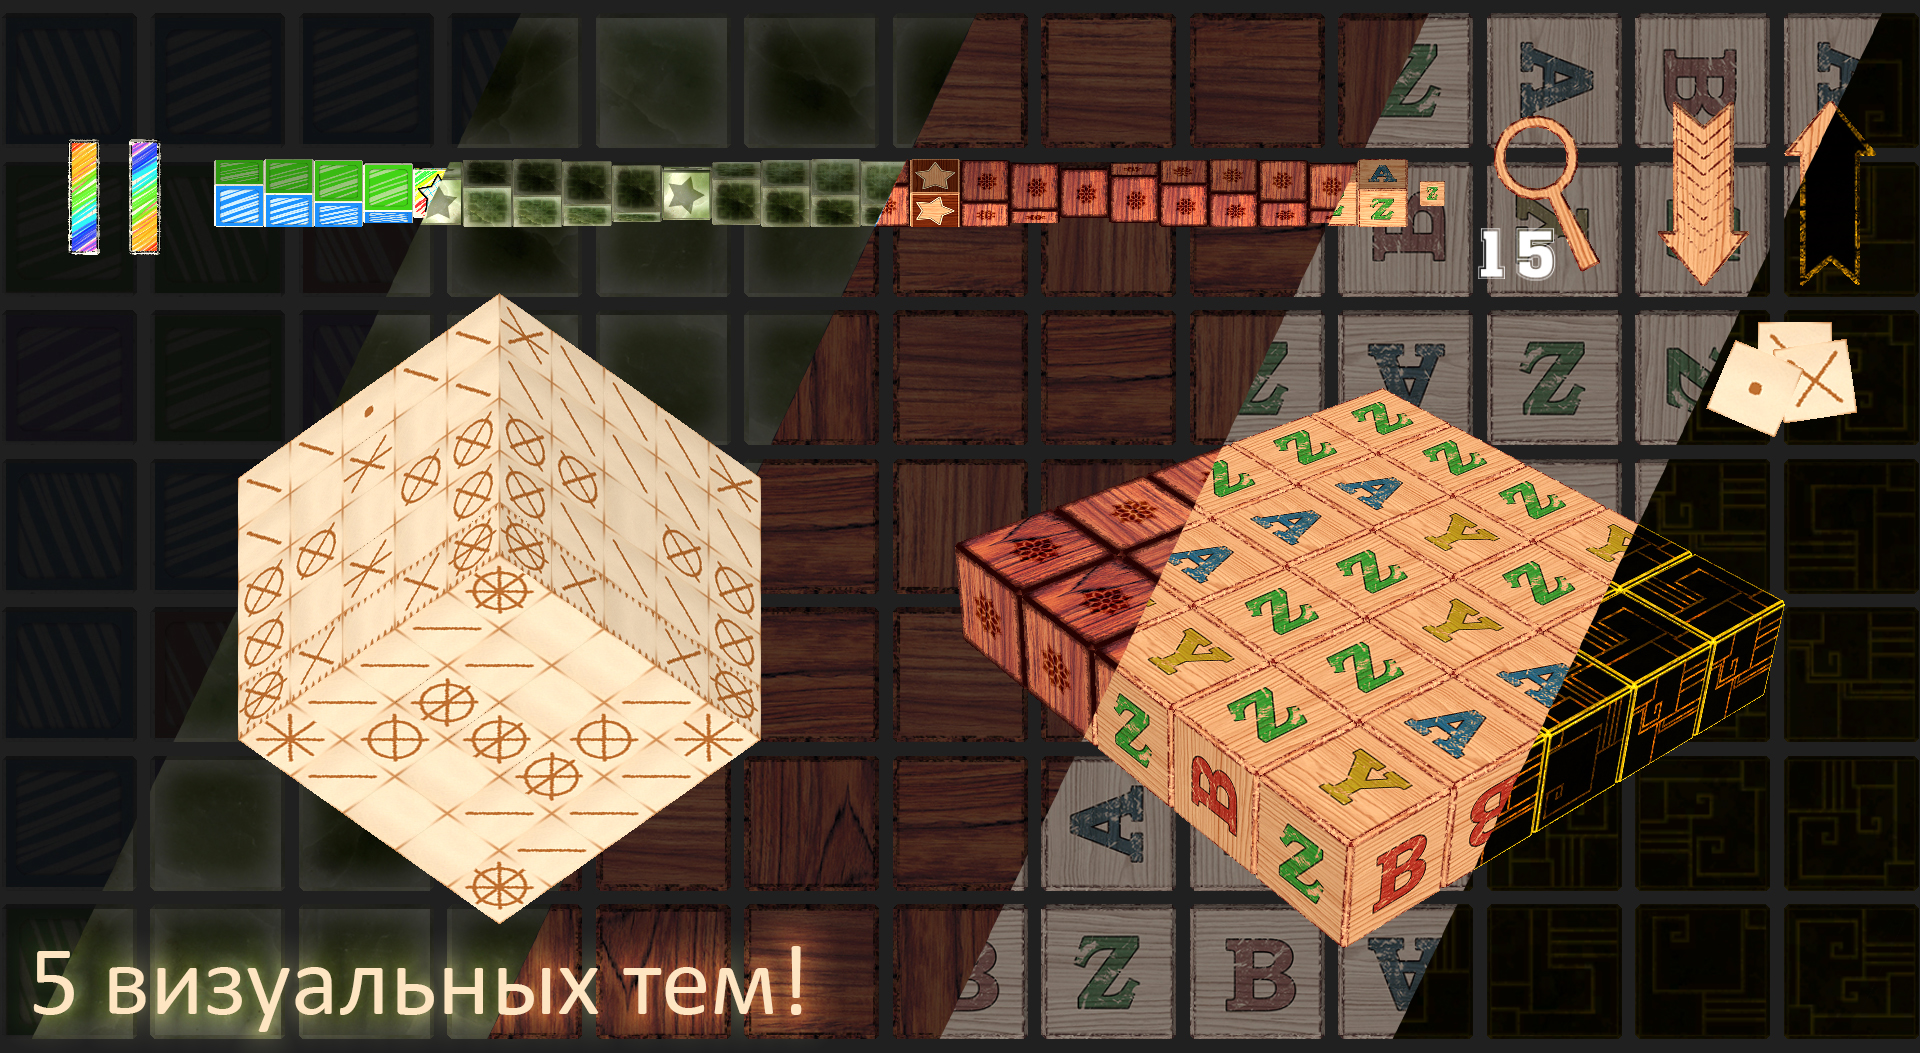 CubiqueScreenshot2